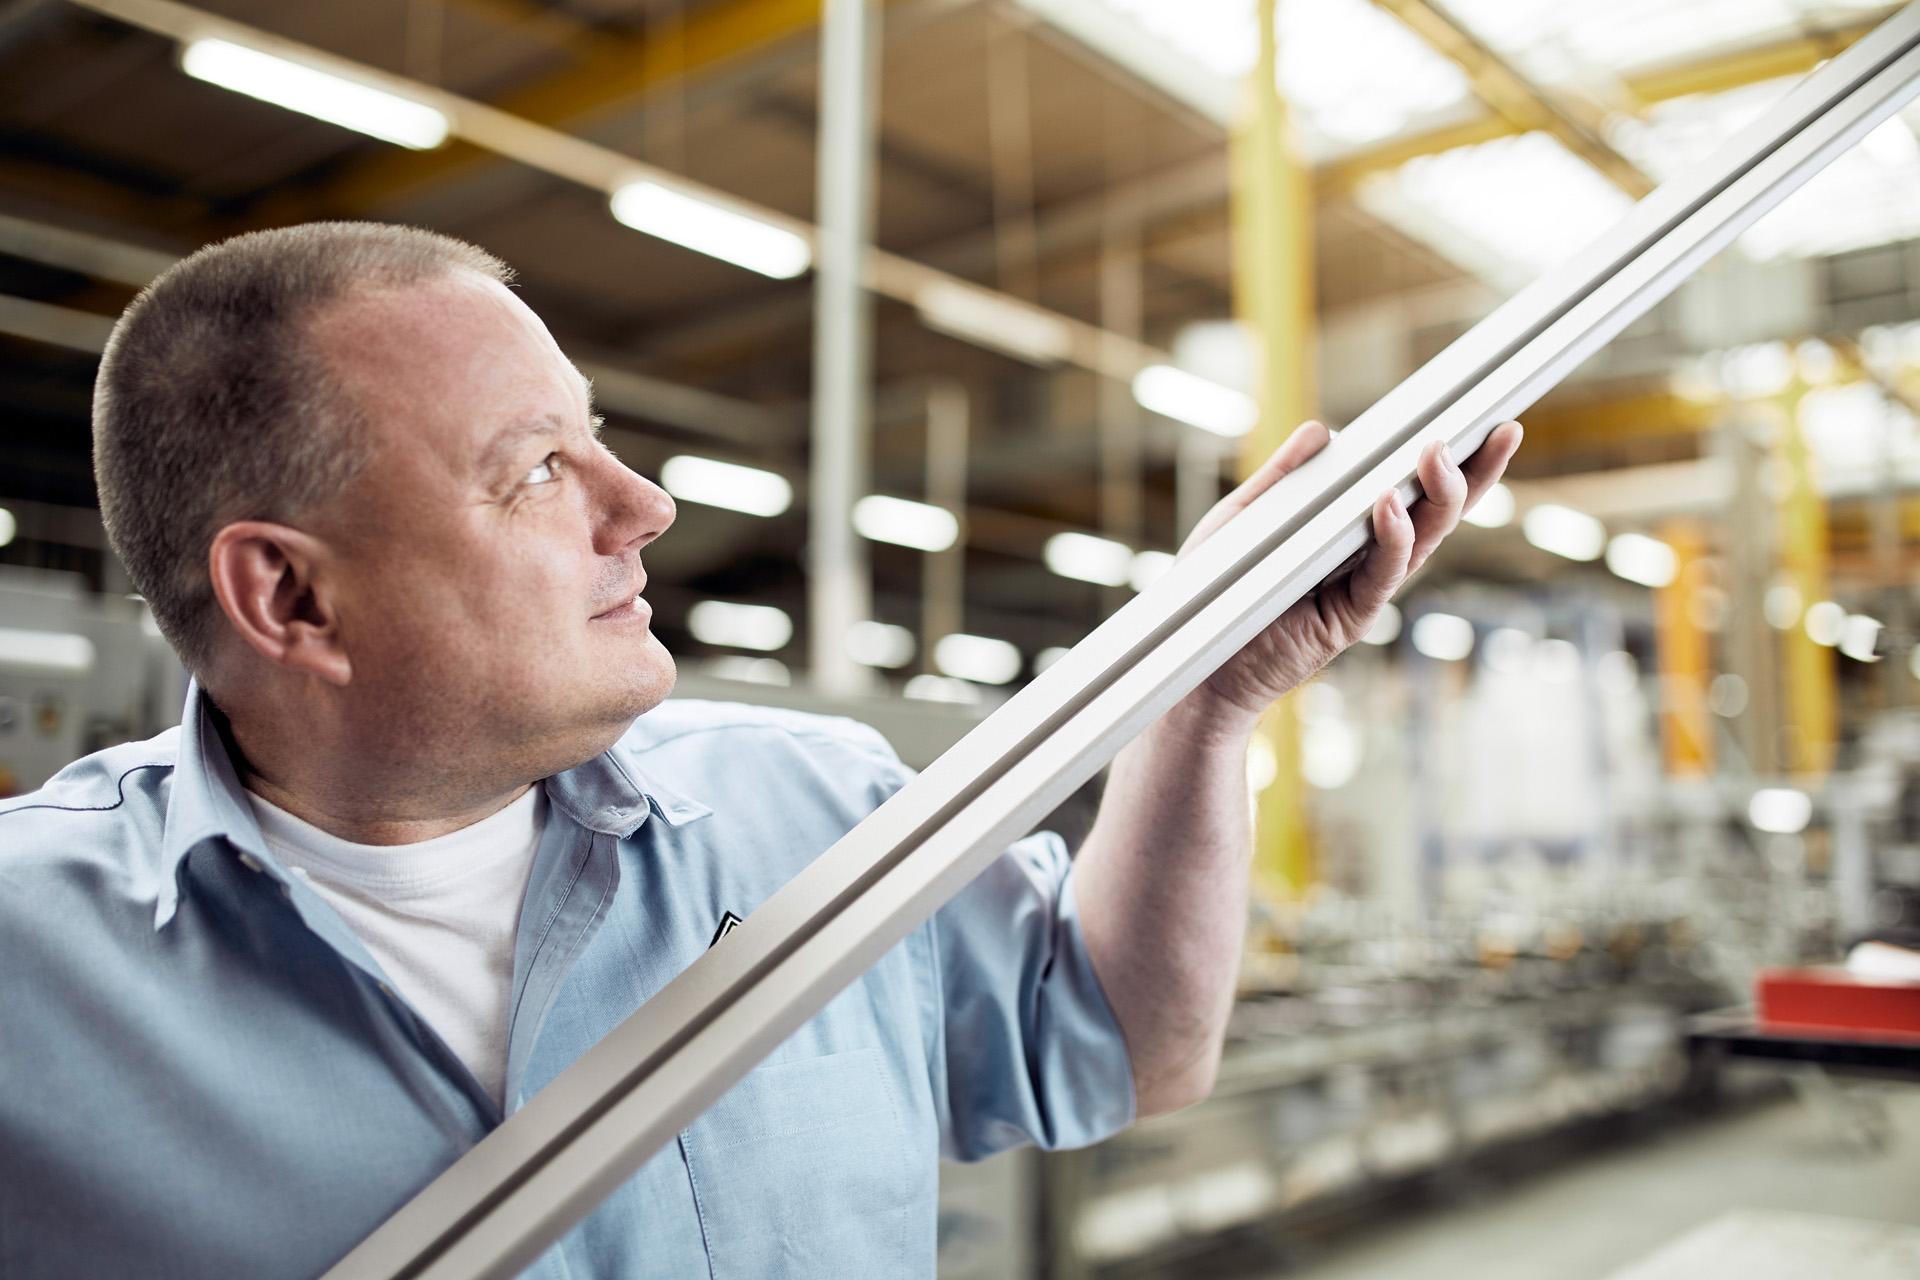 Trenovo bietet eine hohe Qualität durch laufende Optimierungen und Investitionen